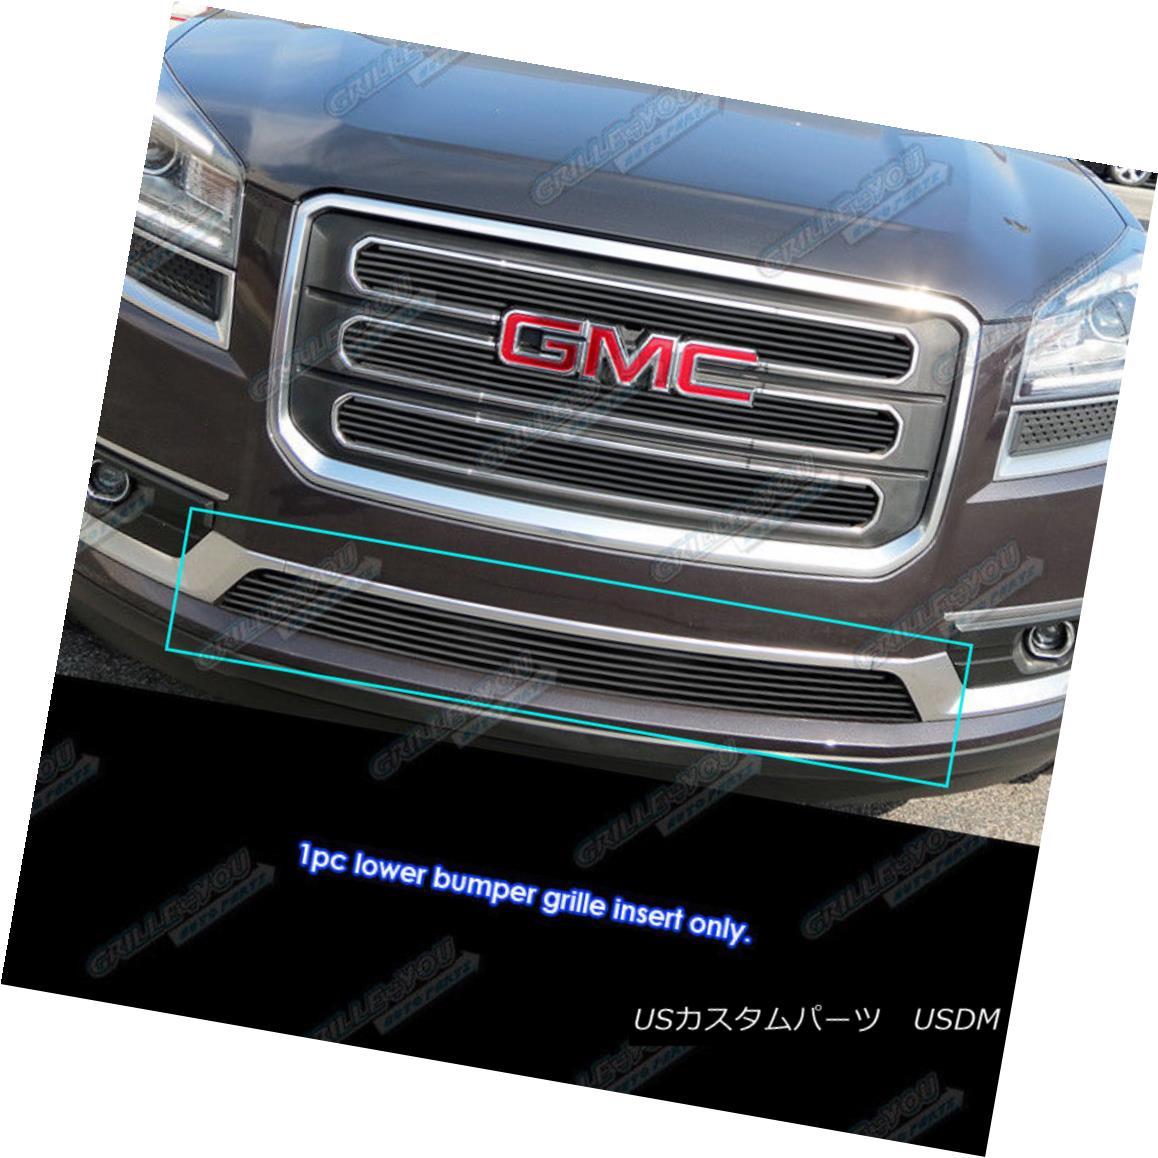 グリル Fits 2013-2016 GMC Acadia Black Lower Lower Bumper Billet Grille Insert 2013-2016 GMC Acadia Black下部ロワーバンパービレットグリルインサート